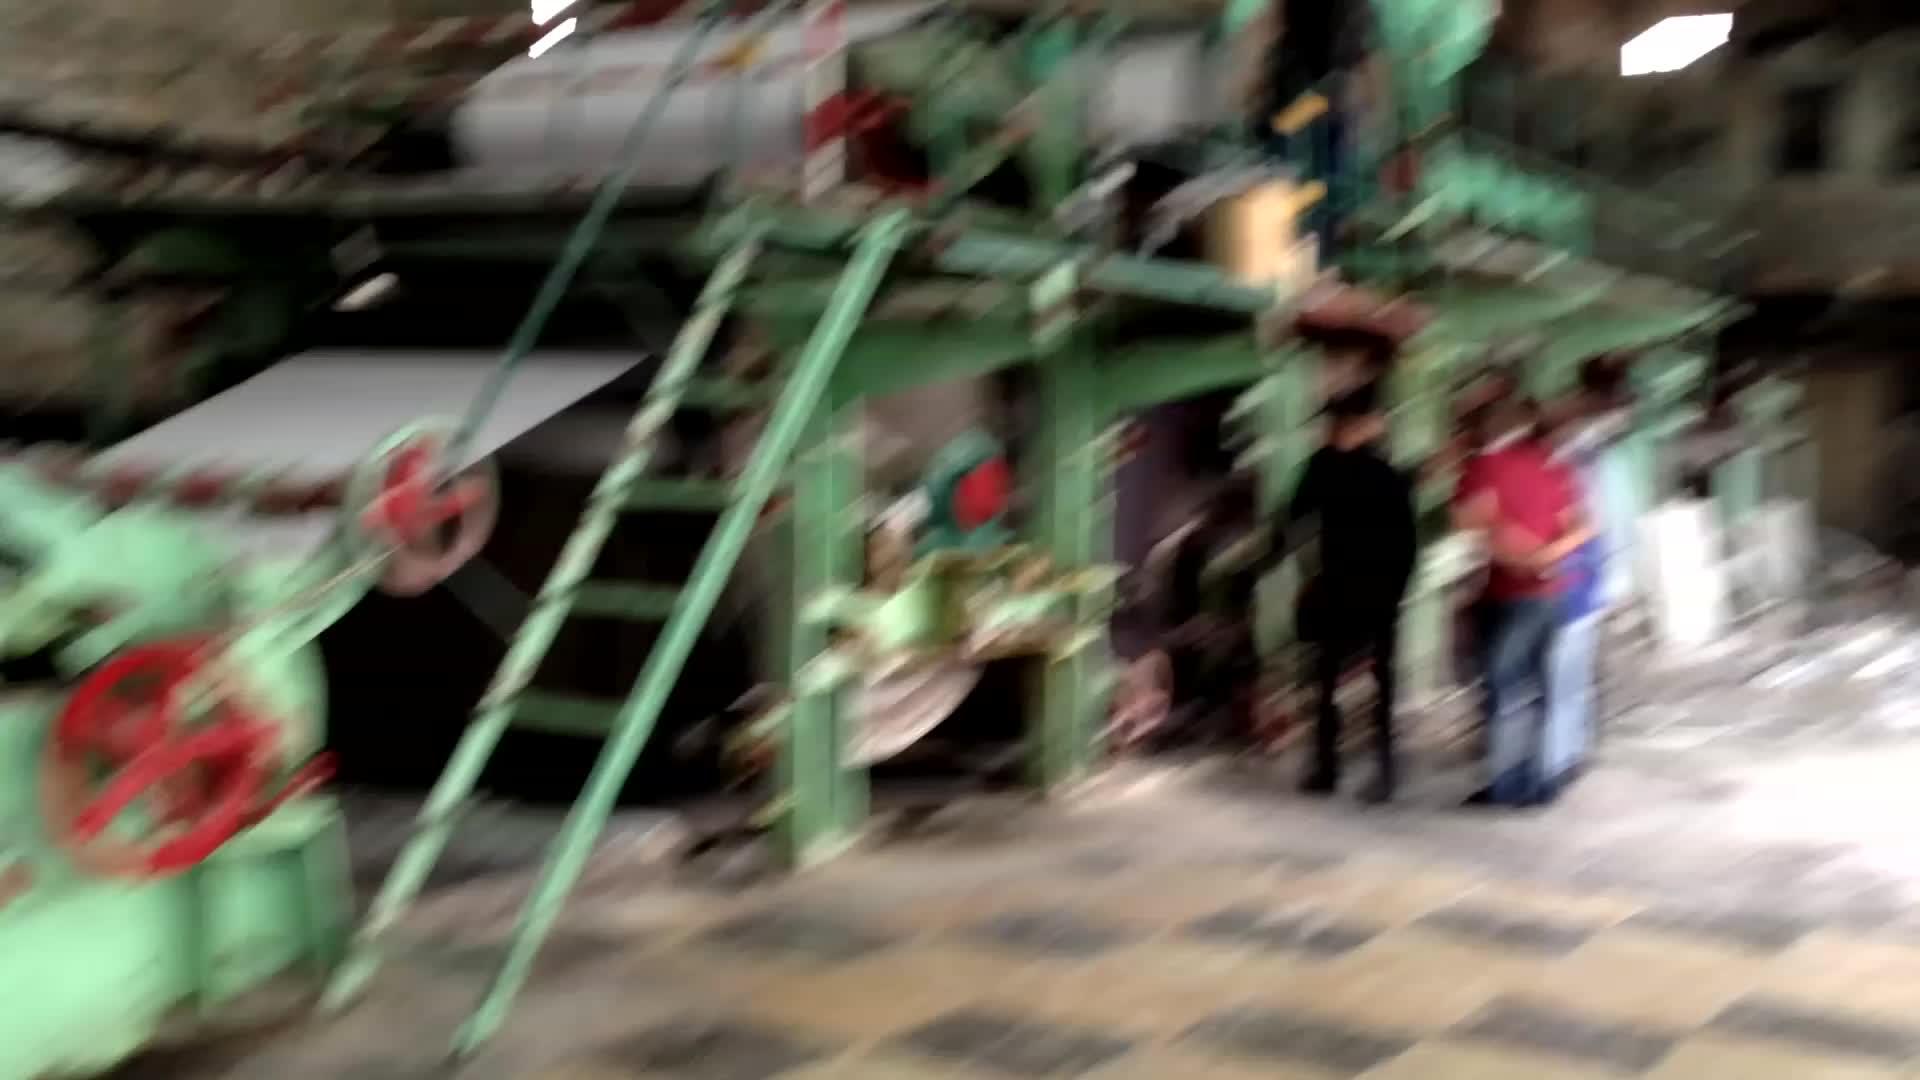 üretim ekipmanları a4 kağıt yapma hattı Kağıt a4 makinesi